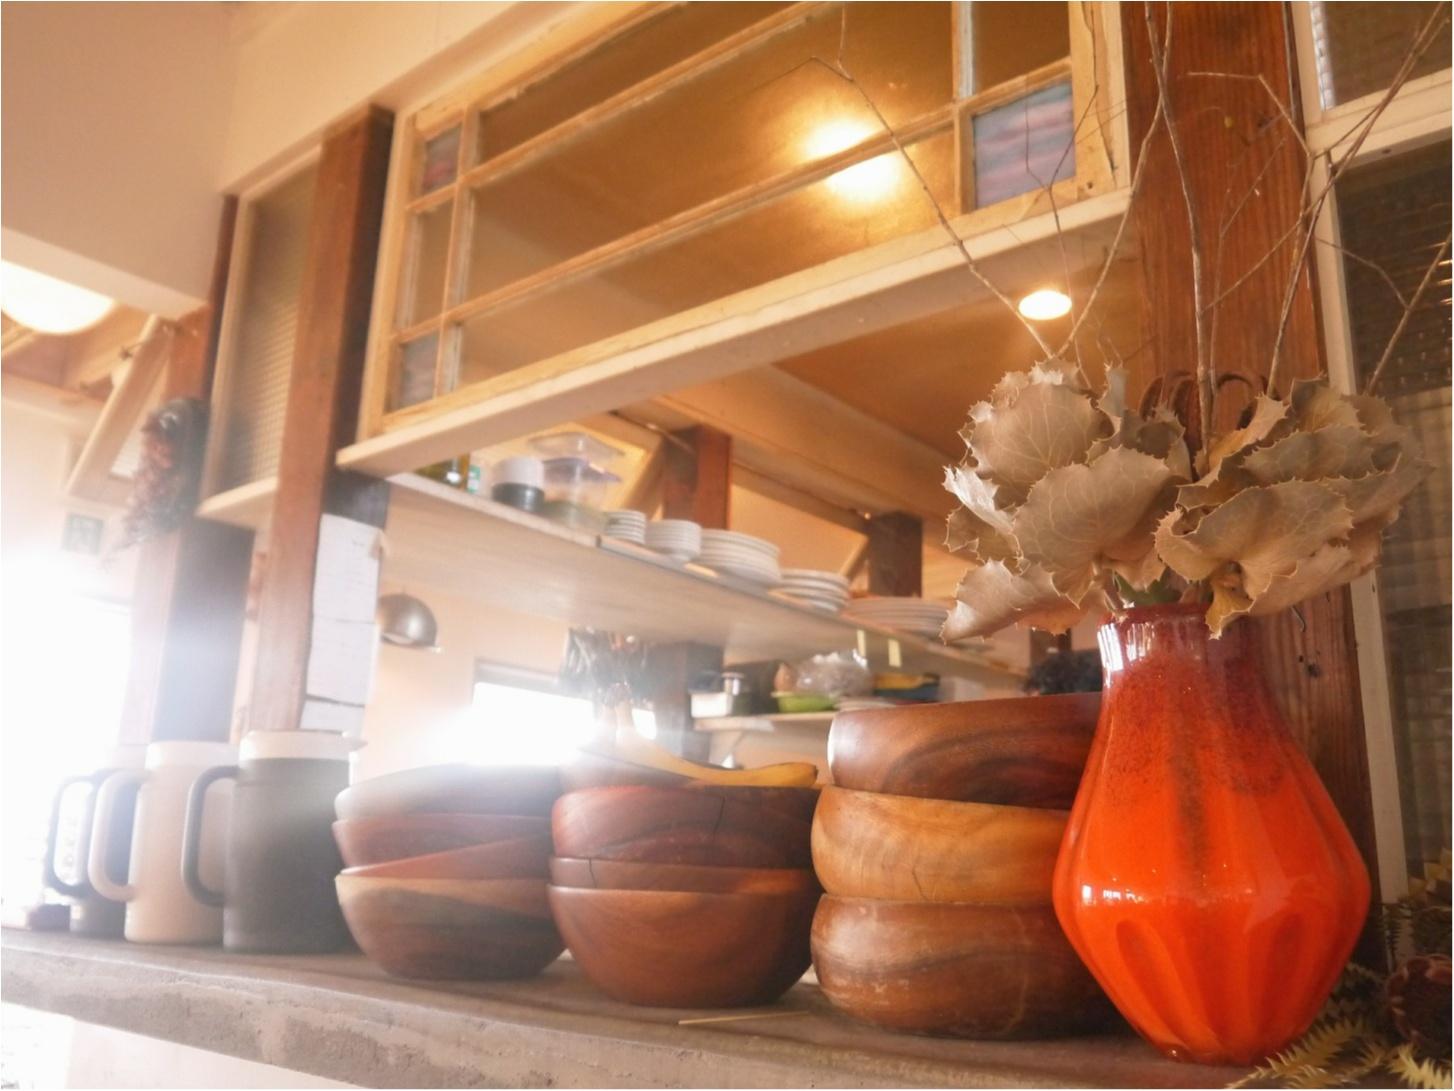 【しの散歩】ロケーション抜群『 鎌倉(七里ヶ浜編)~ 海沿いのカフェで、ゆったりと贅沢な一時を ~ 』_4